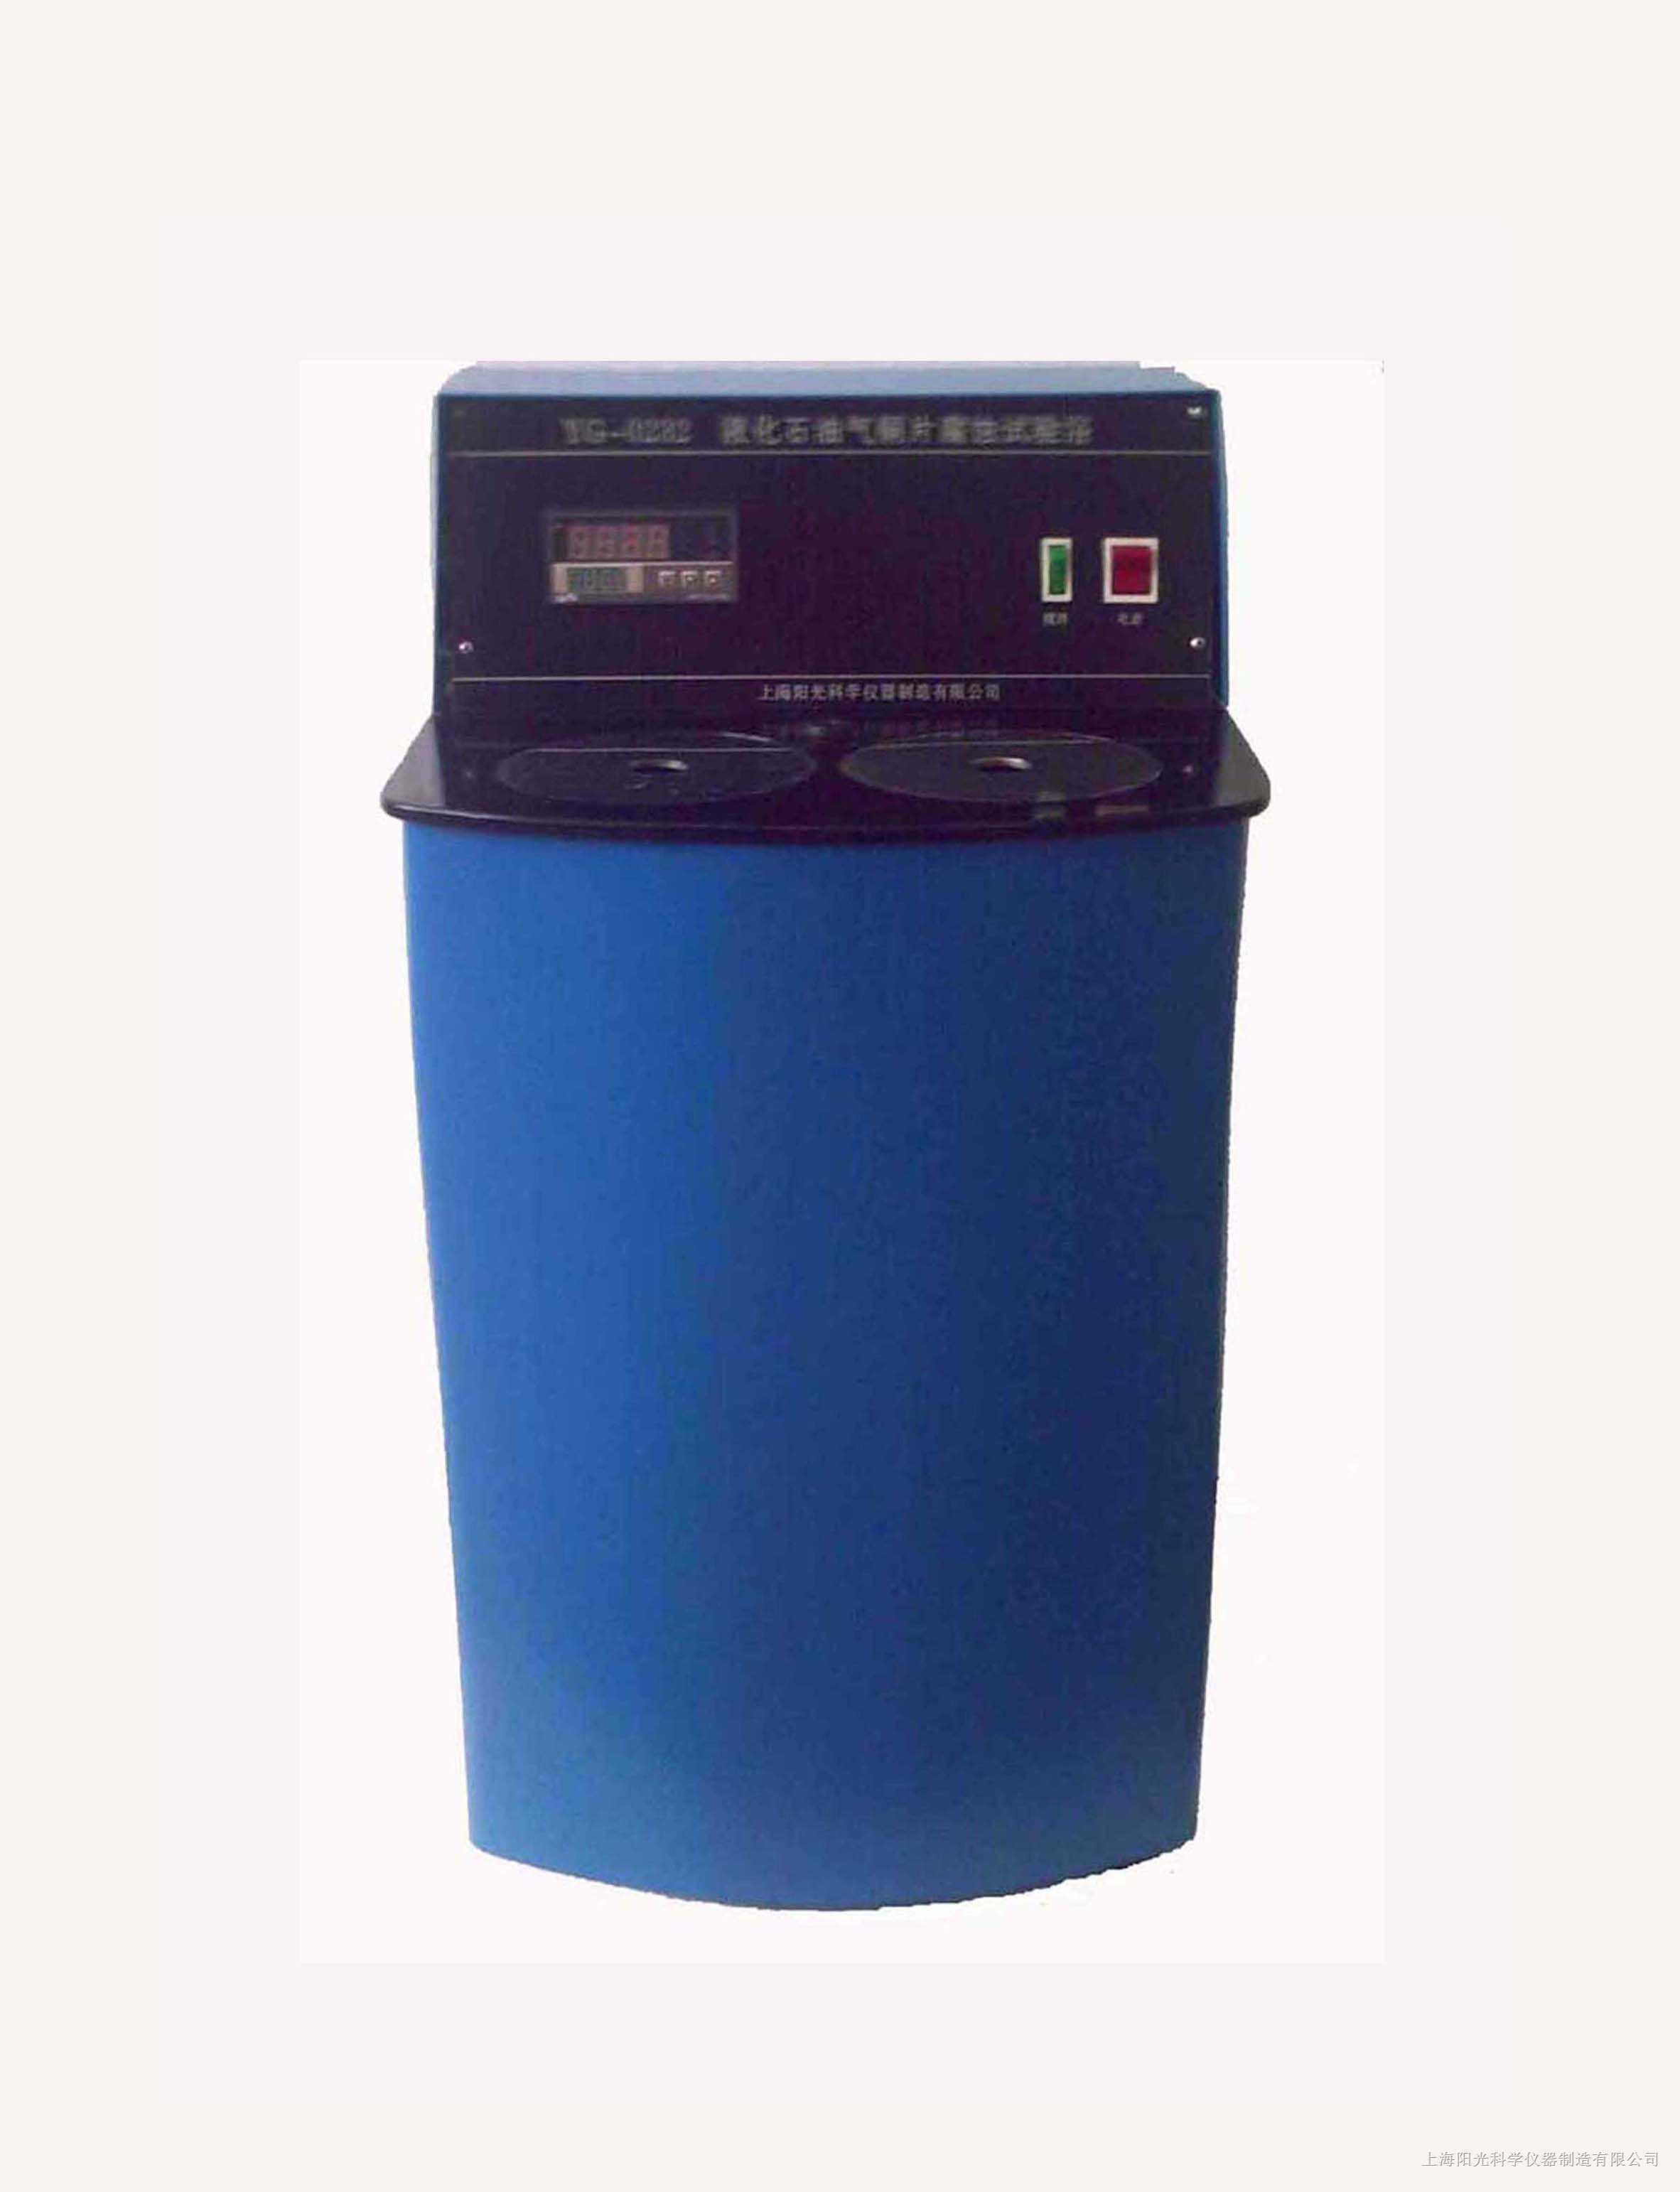 YG-6602液化石油气蒸汽压-汽油饱和蒸汽压试验